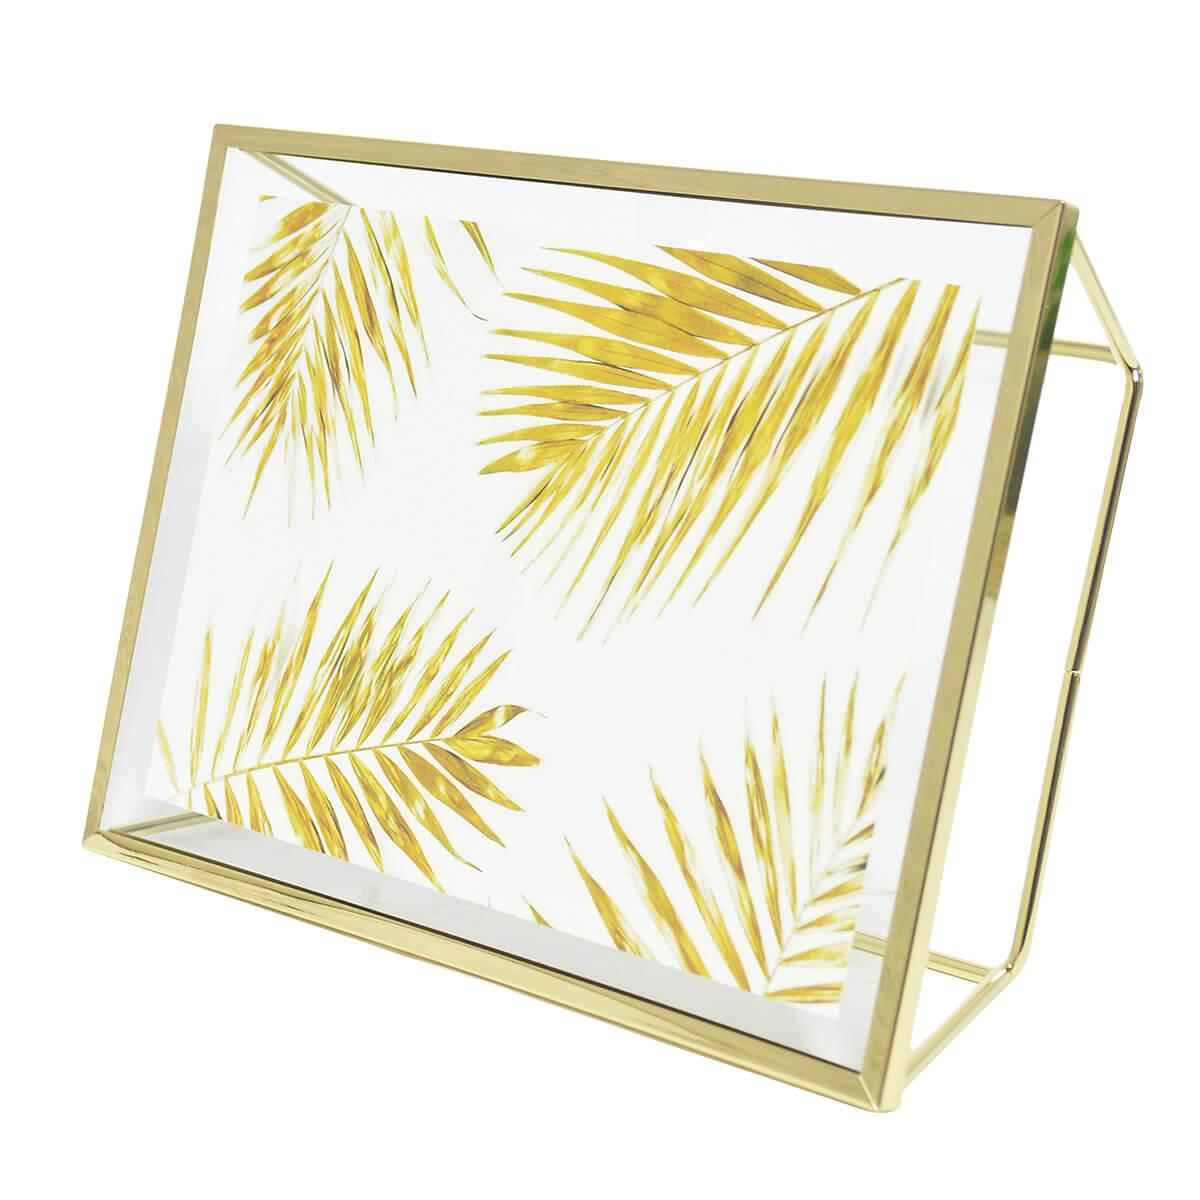 Porta Retrato Elegante Metal Rosegold ou Dourado 15x20